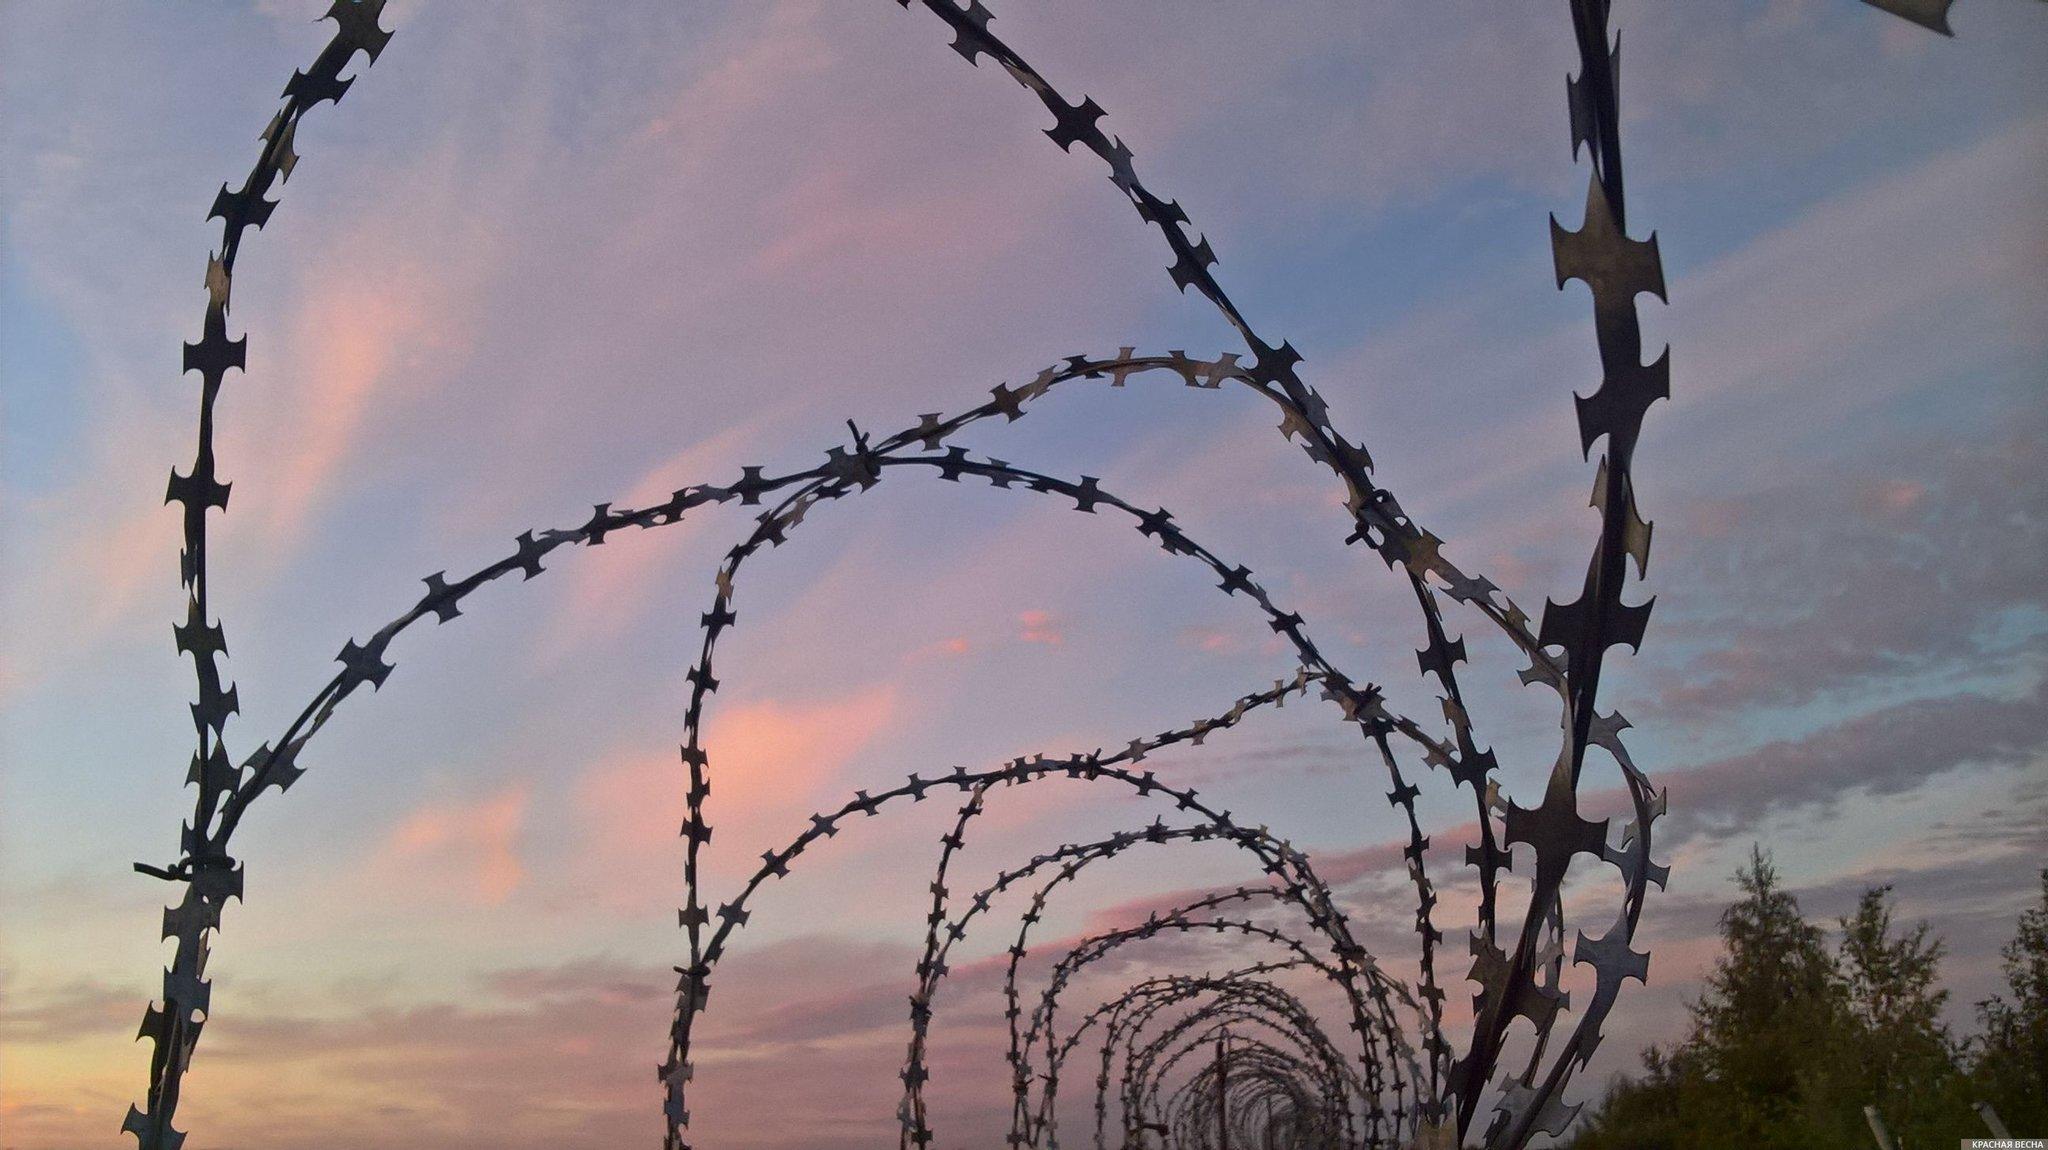 Русская генпрокуратура впервый раз потребовала для наркоторговца пожизненного срока